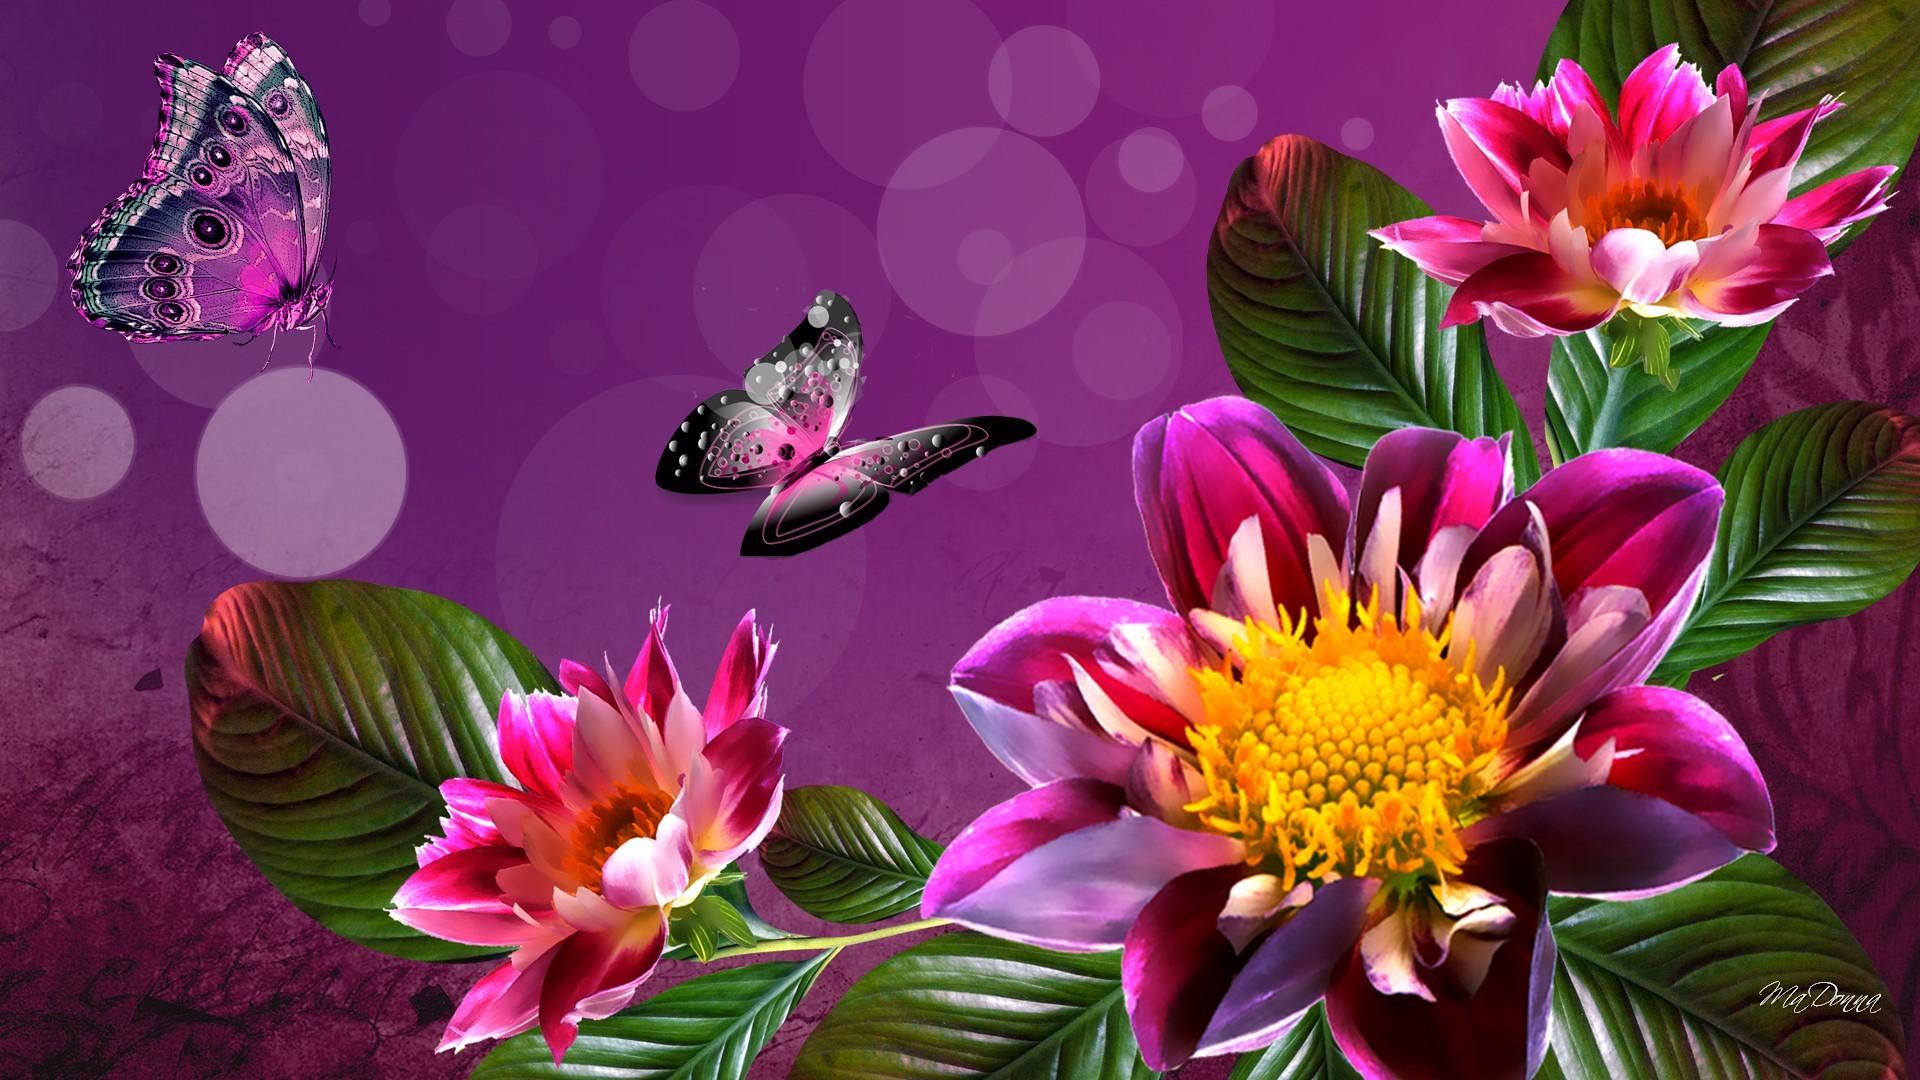 Flower computer backgrounds - Flower wallpaper macbook ...